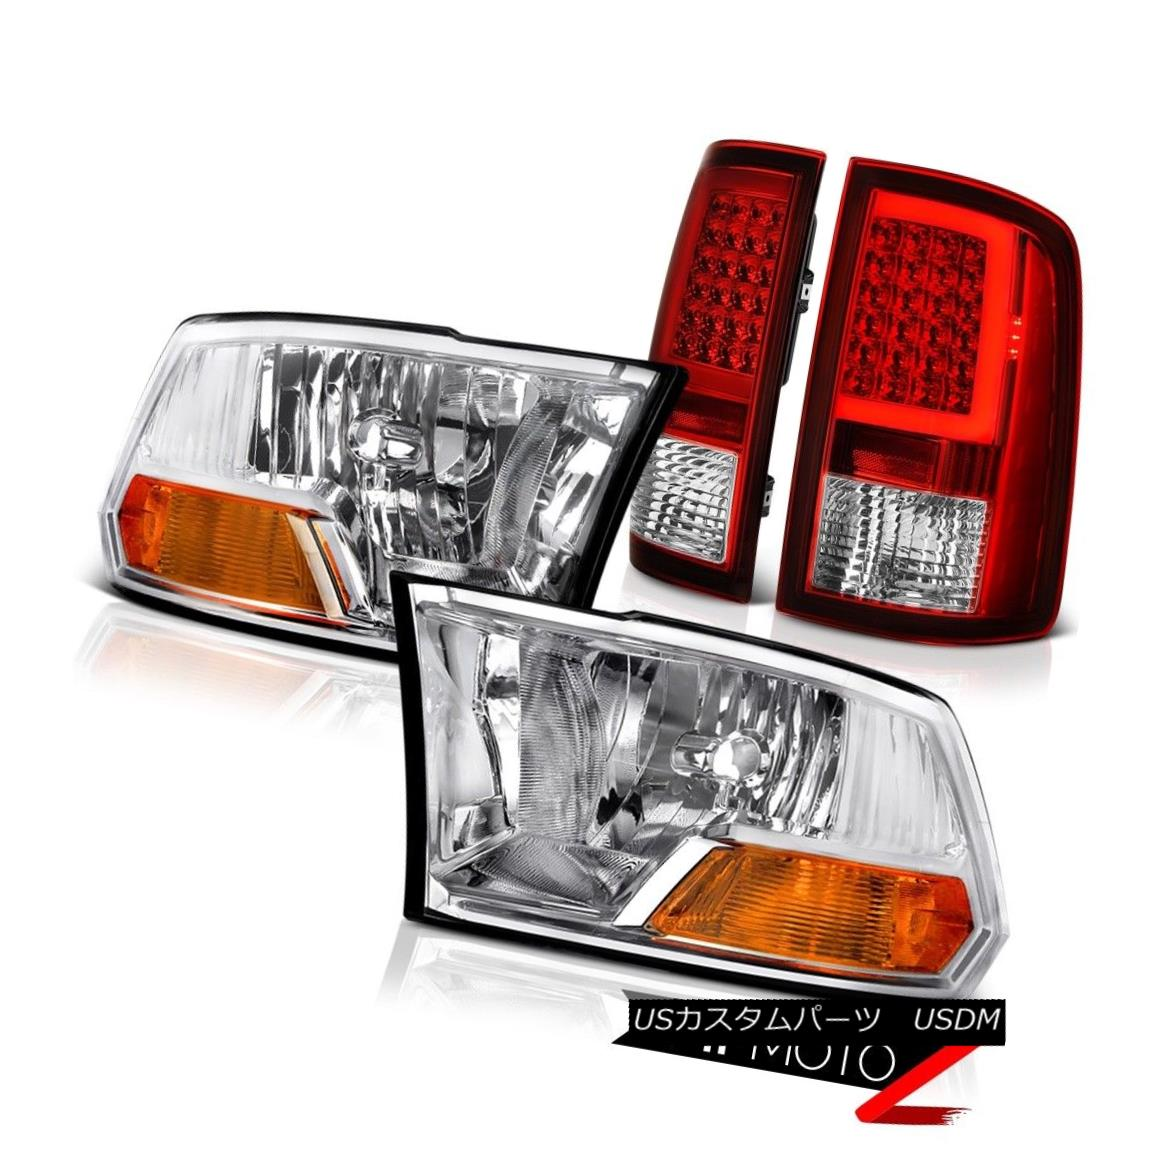 テールライト 09-14 15-18 Dodge RAM 2500 3500 Red Tail Light Factory Style Head Lamp SET PAIR 09-14 15-18ダッジRAM 2500 3500レッドテールライト工場スタイルヘッドランプSET PAIR